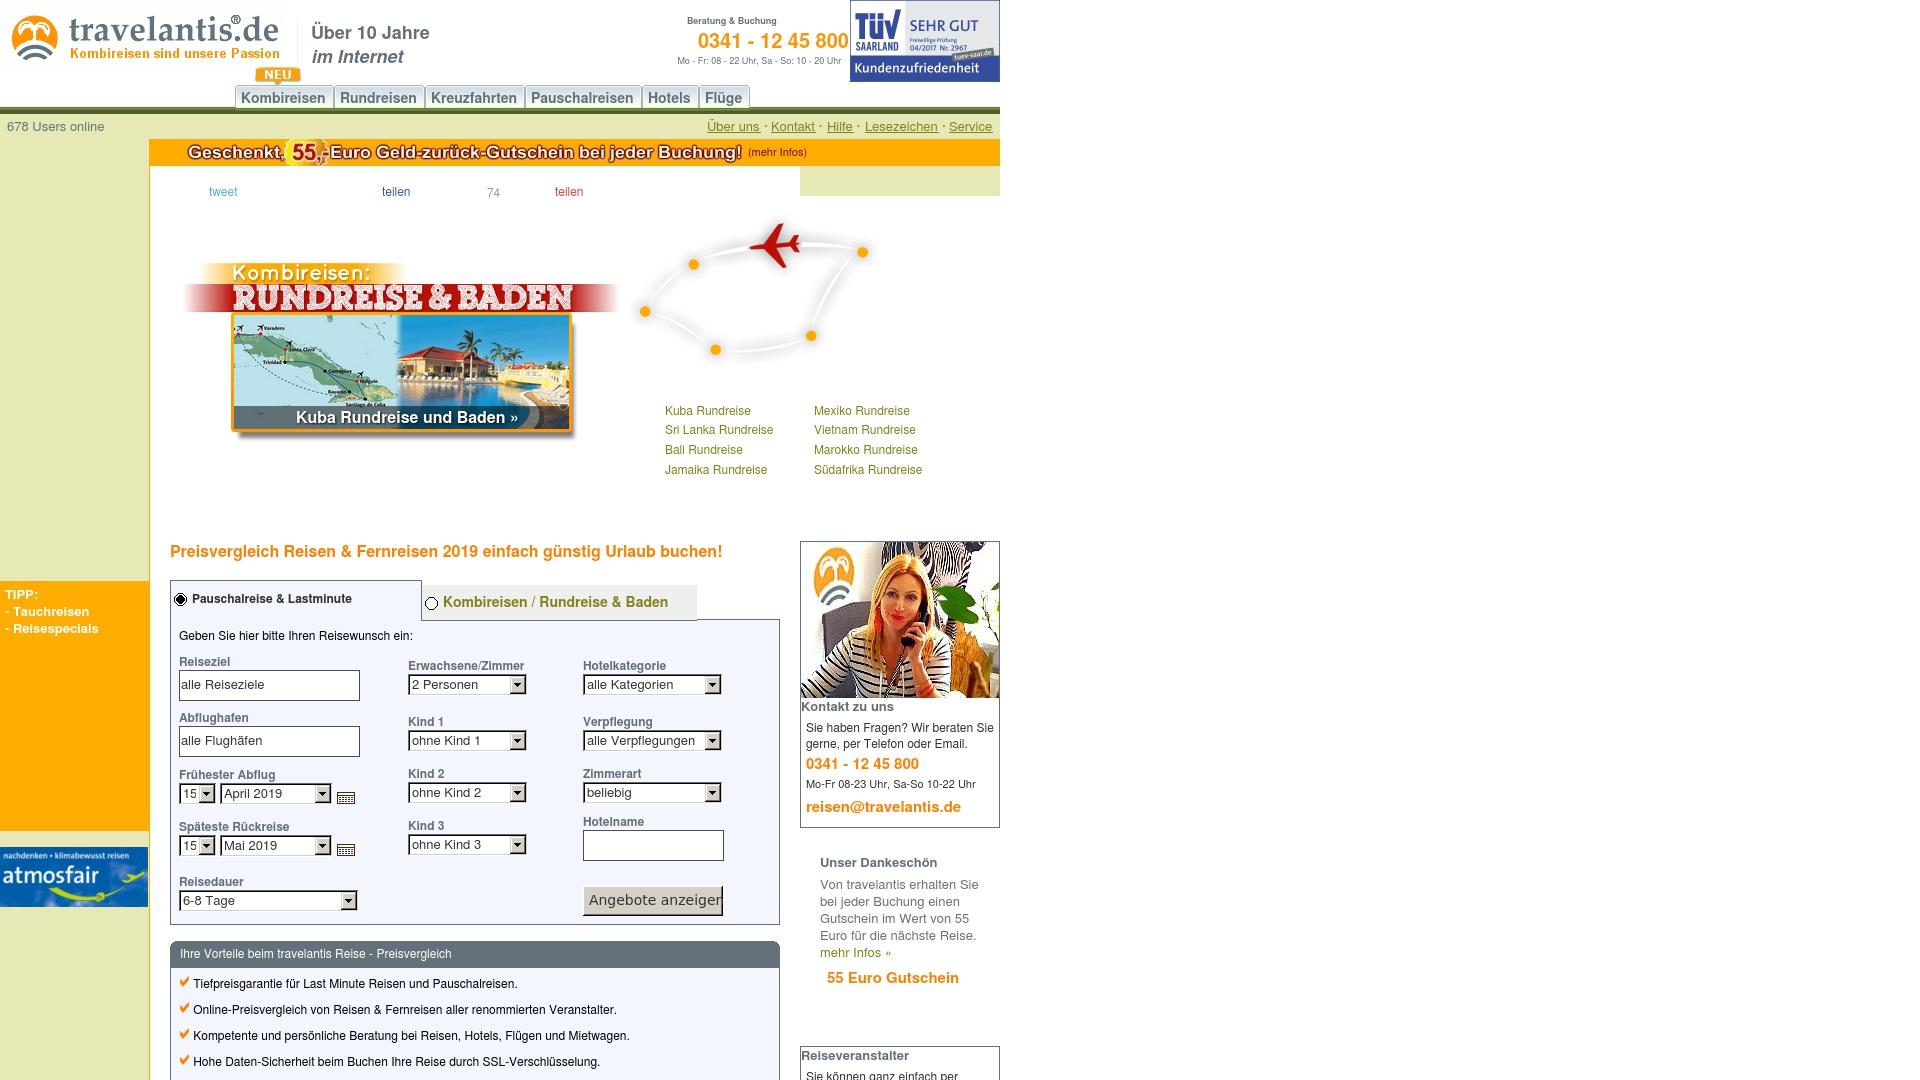 Gutschein für Travelantis: Rabatte für  Travelantis sichern